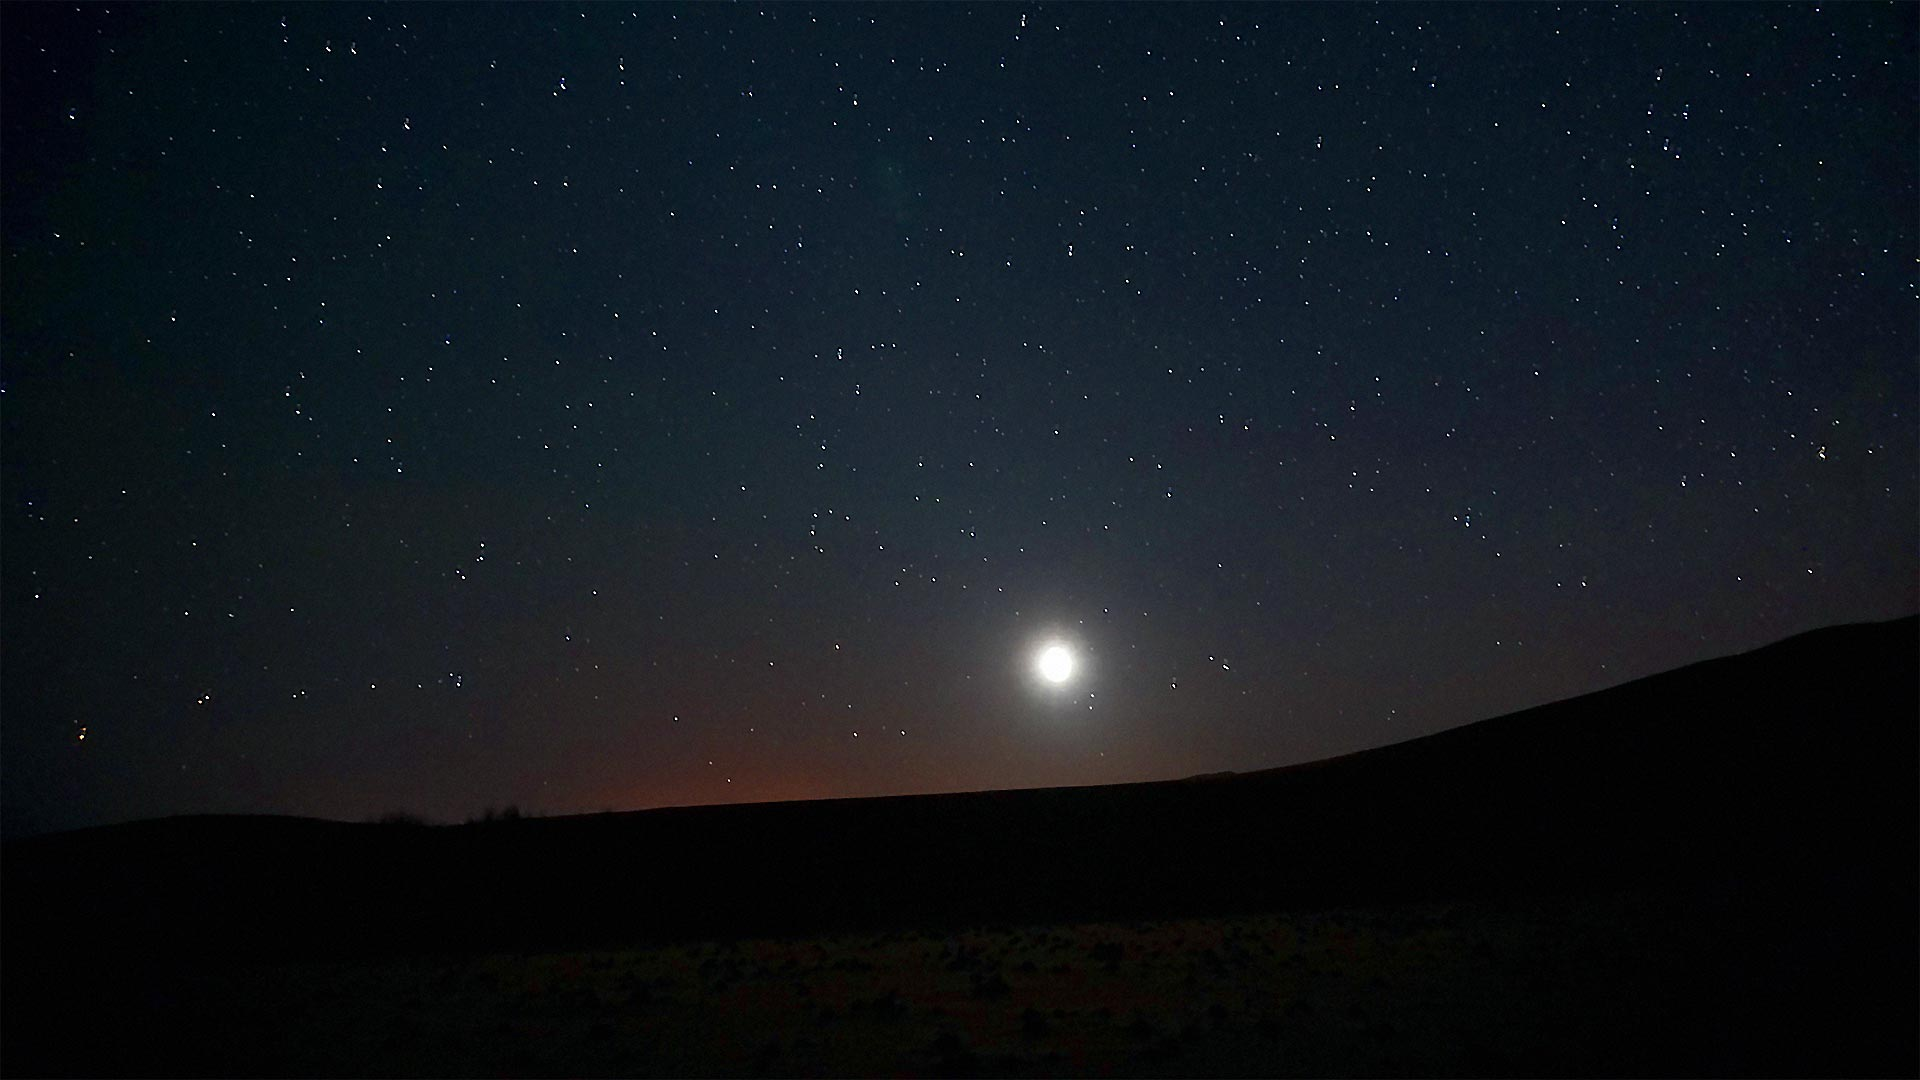 Estrellas en la noche del desierto, Marruecos.